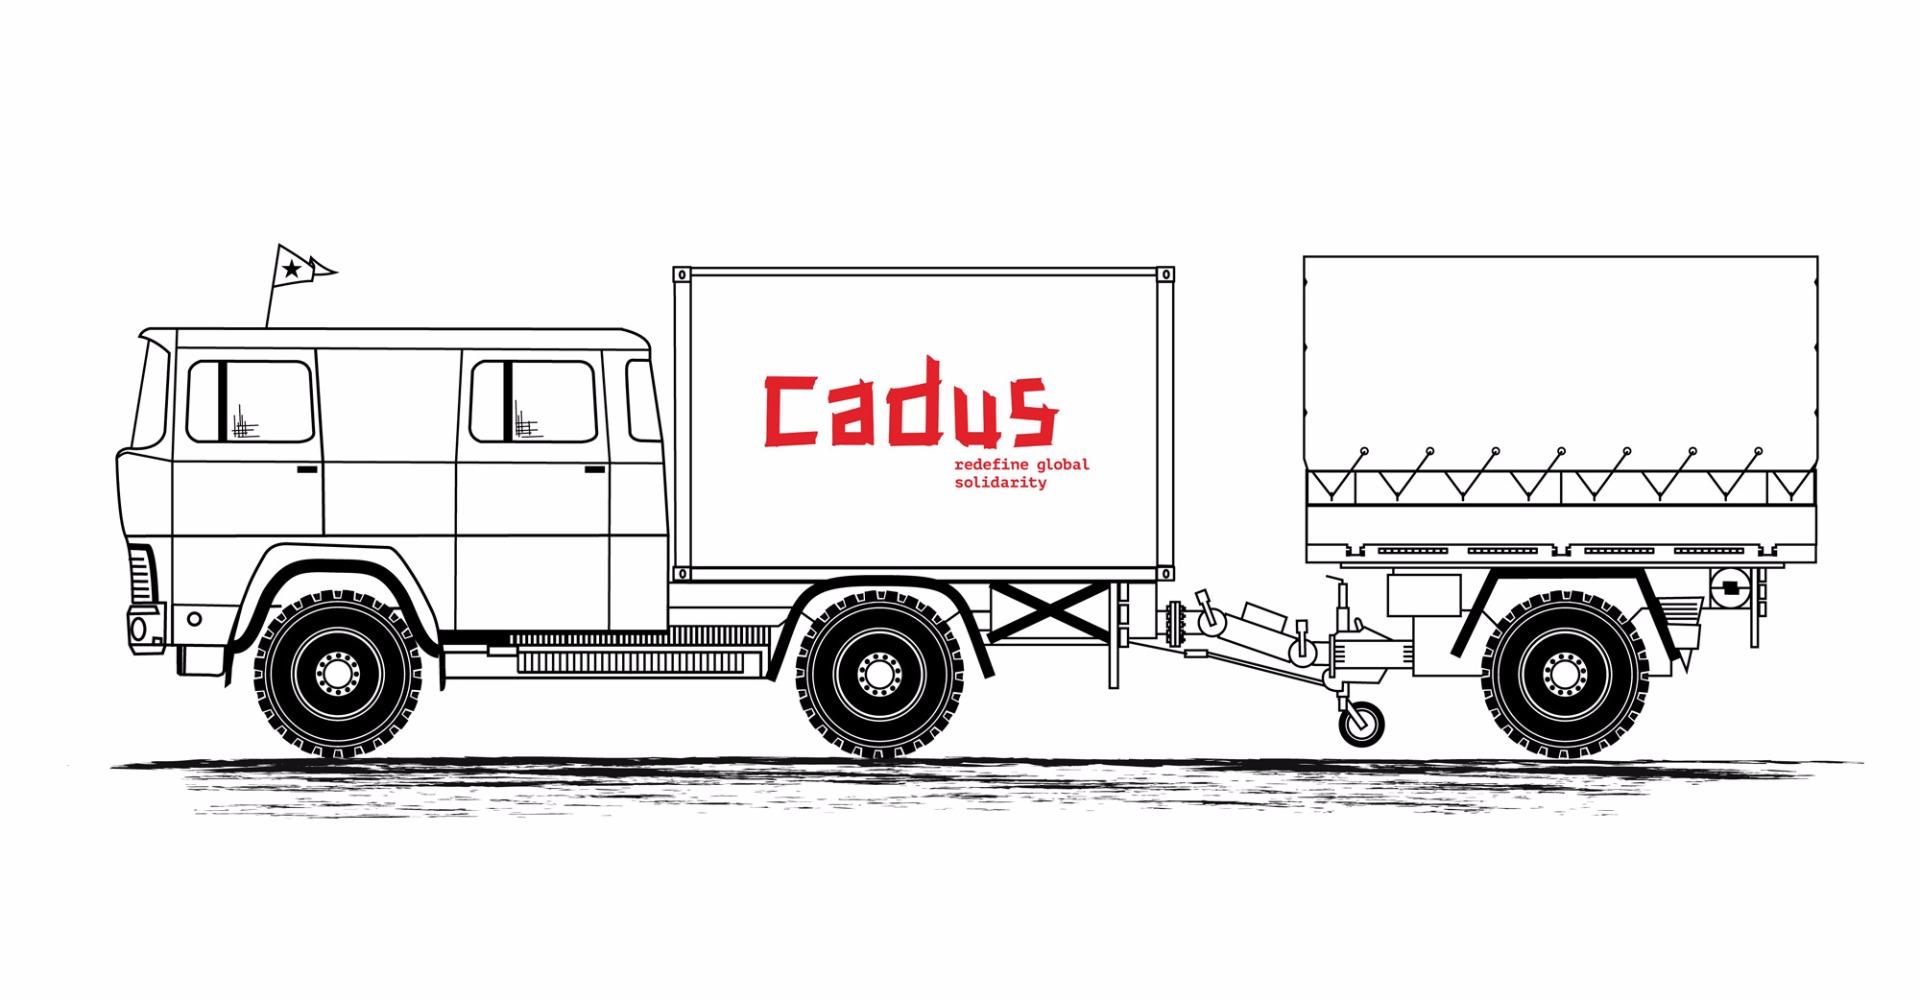 Cadus Truck